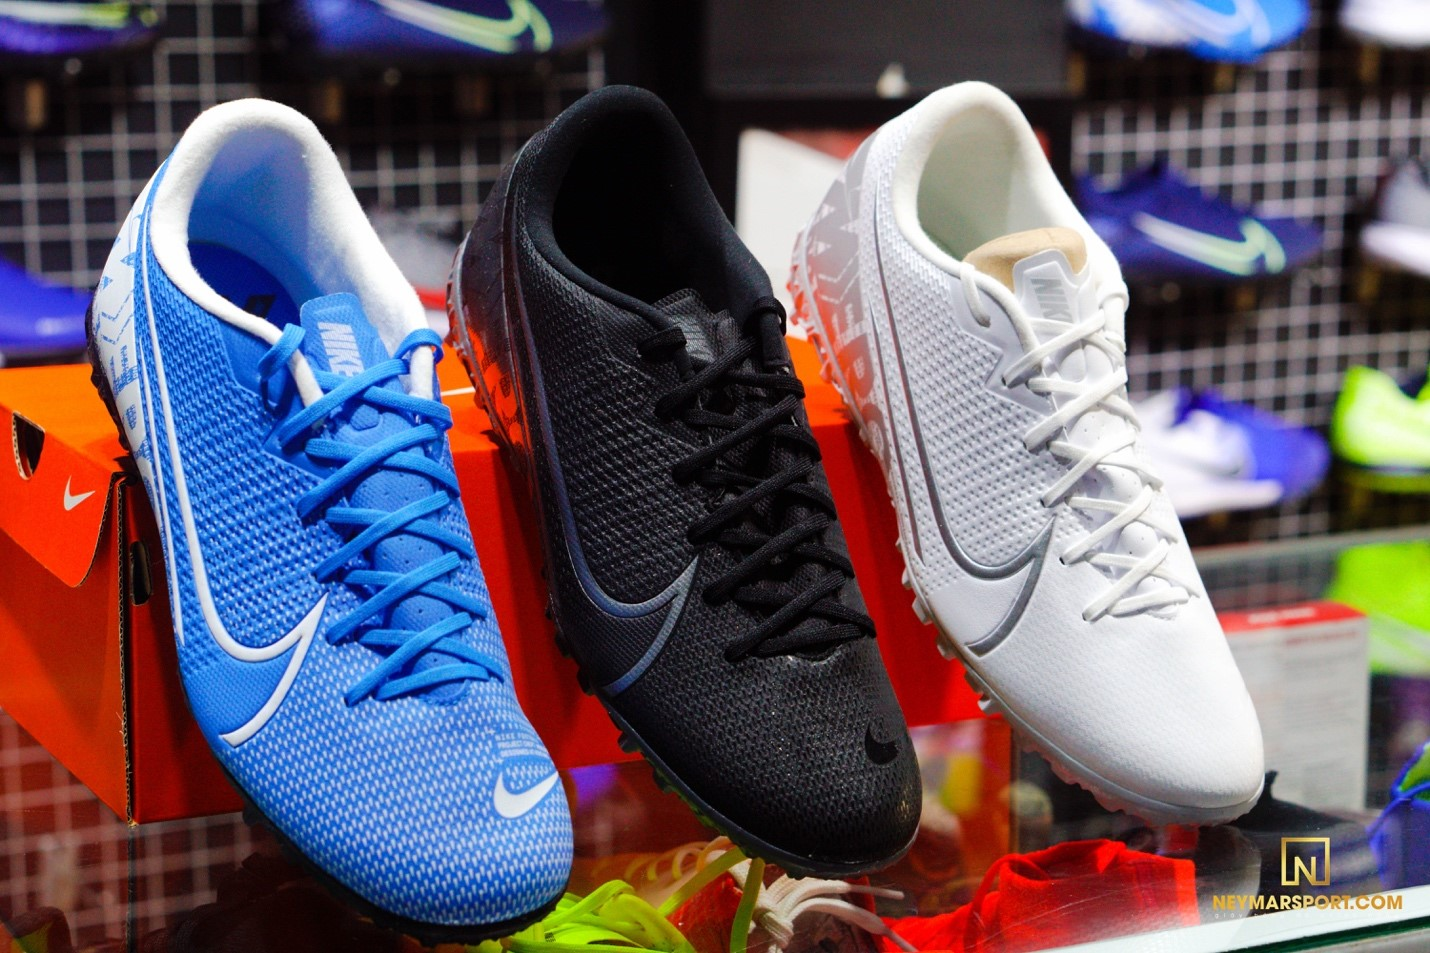 Giày đá banh chính hãng. giày đá banh Nike. Giày đá banh Adidas.